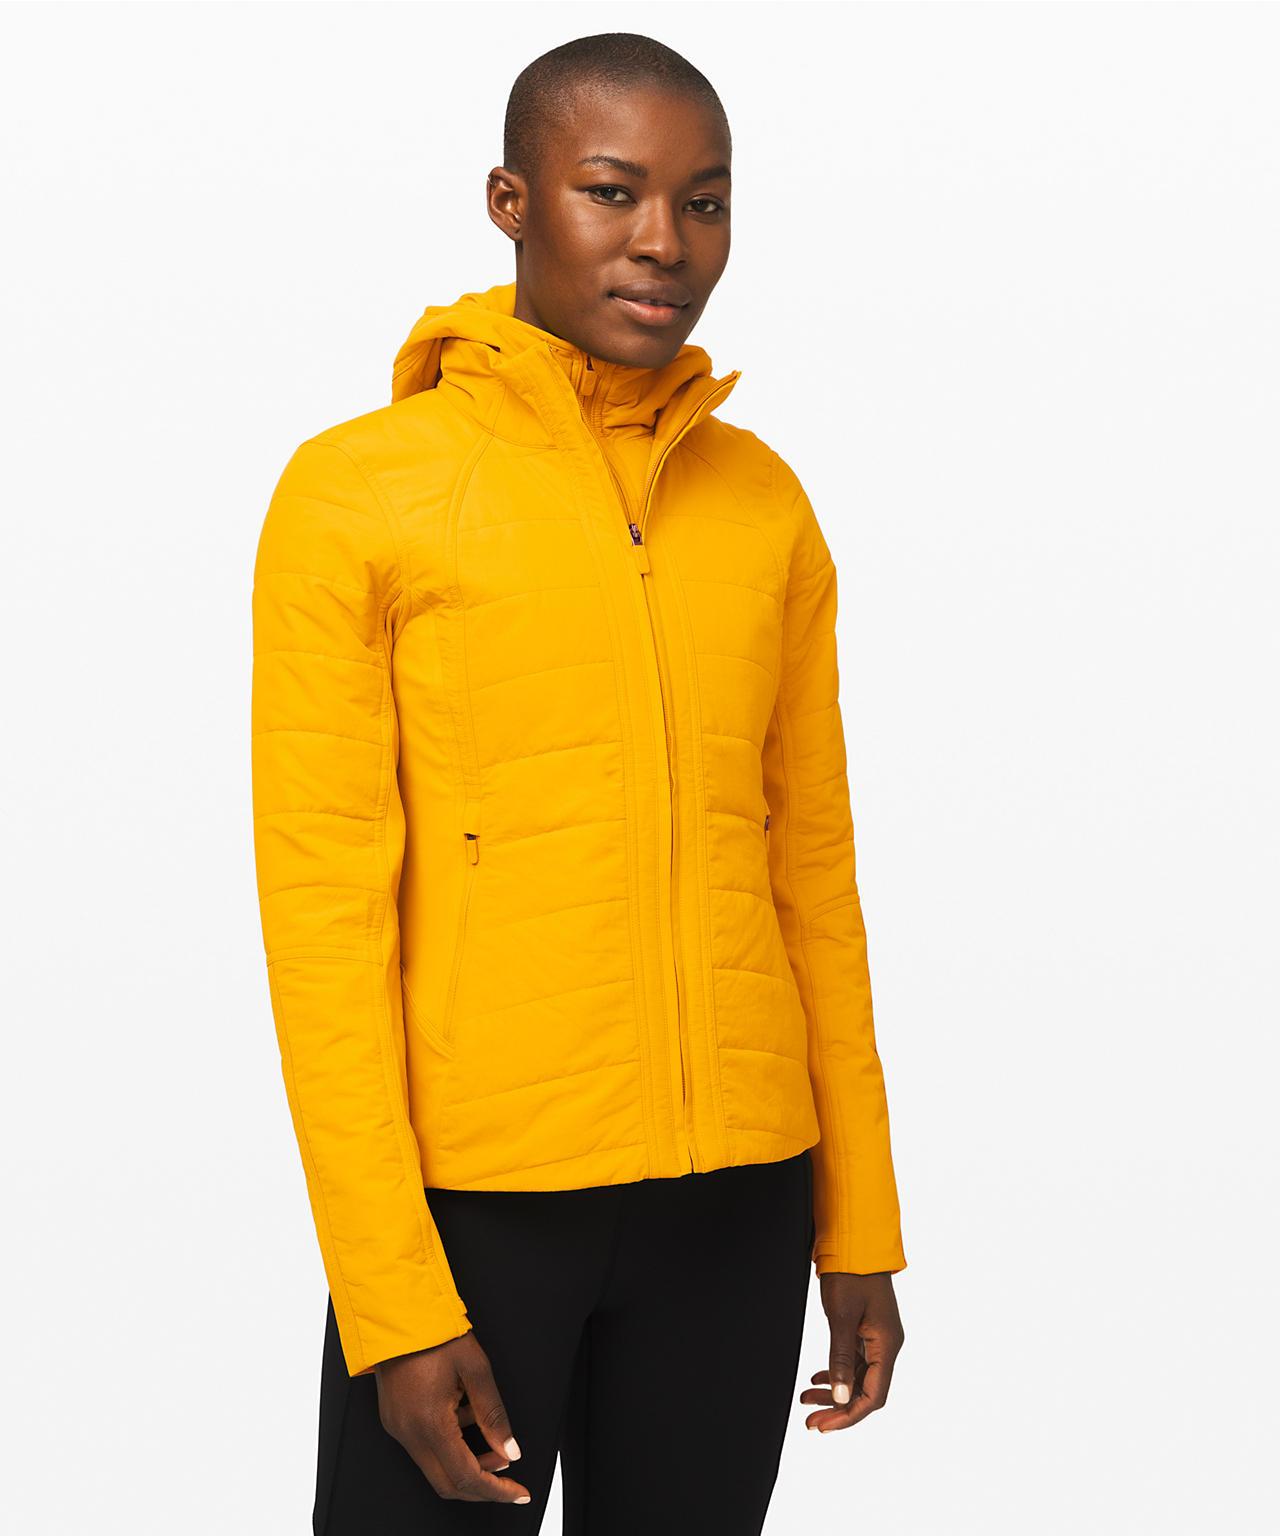 Another Mile Jacket, Honeycomb, Lululemon Upload